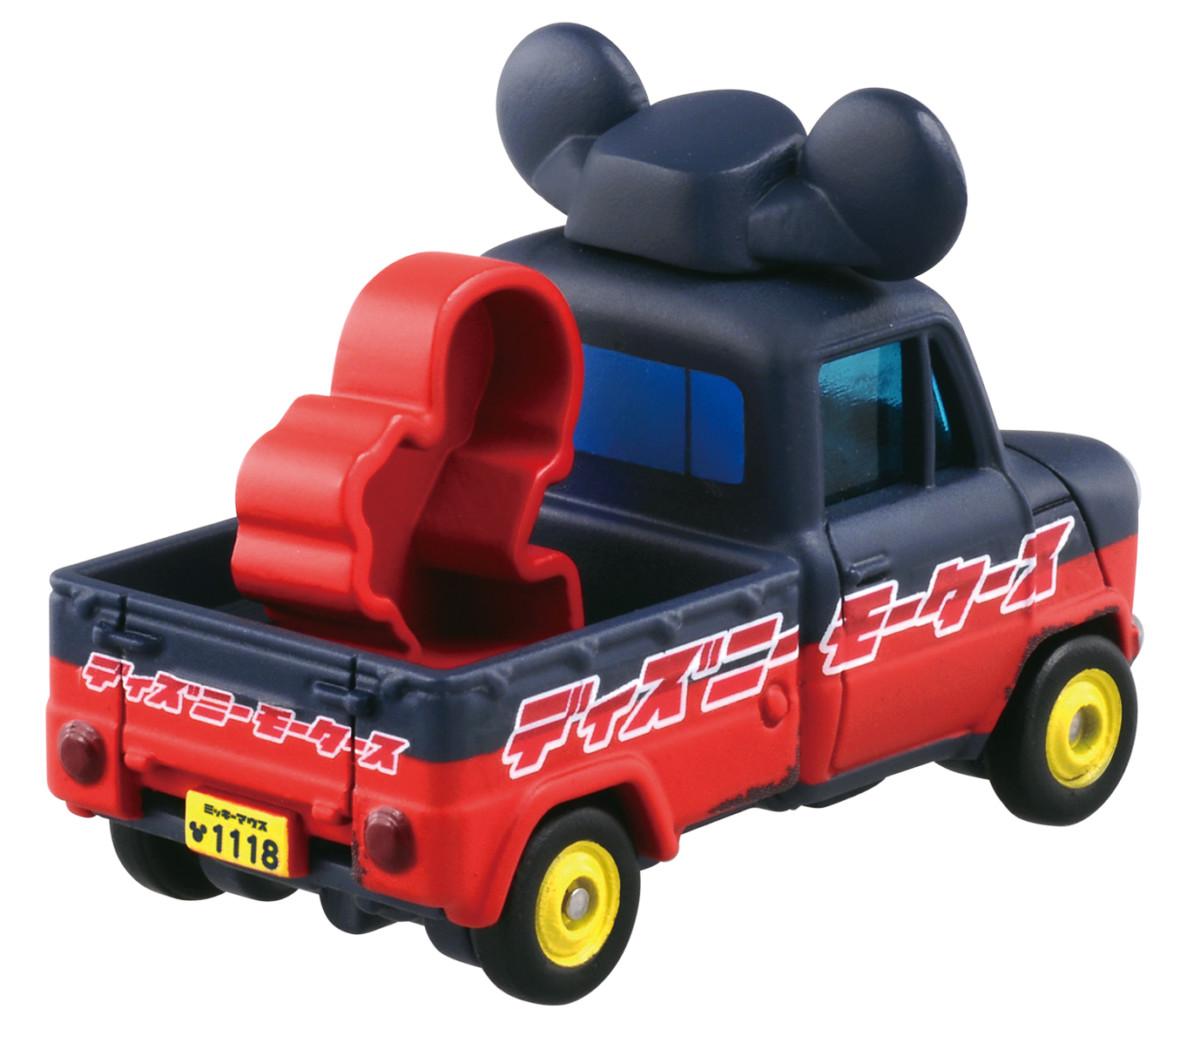 ディズニーモータース DM-02 ソラッタ ミッキーマウス バックスタイル